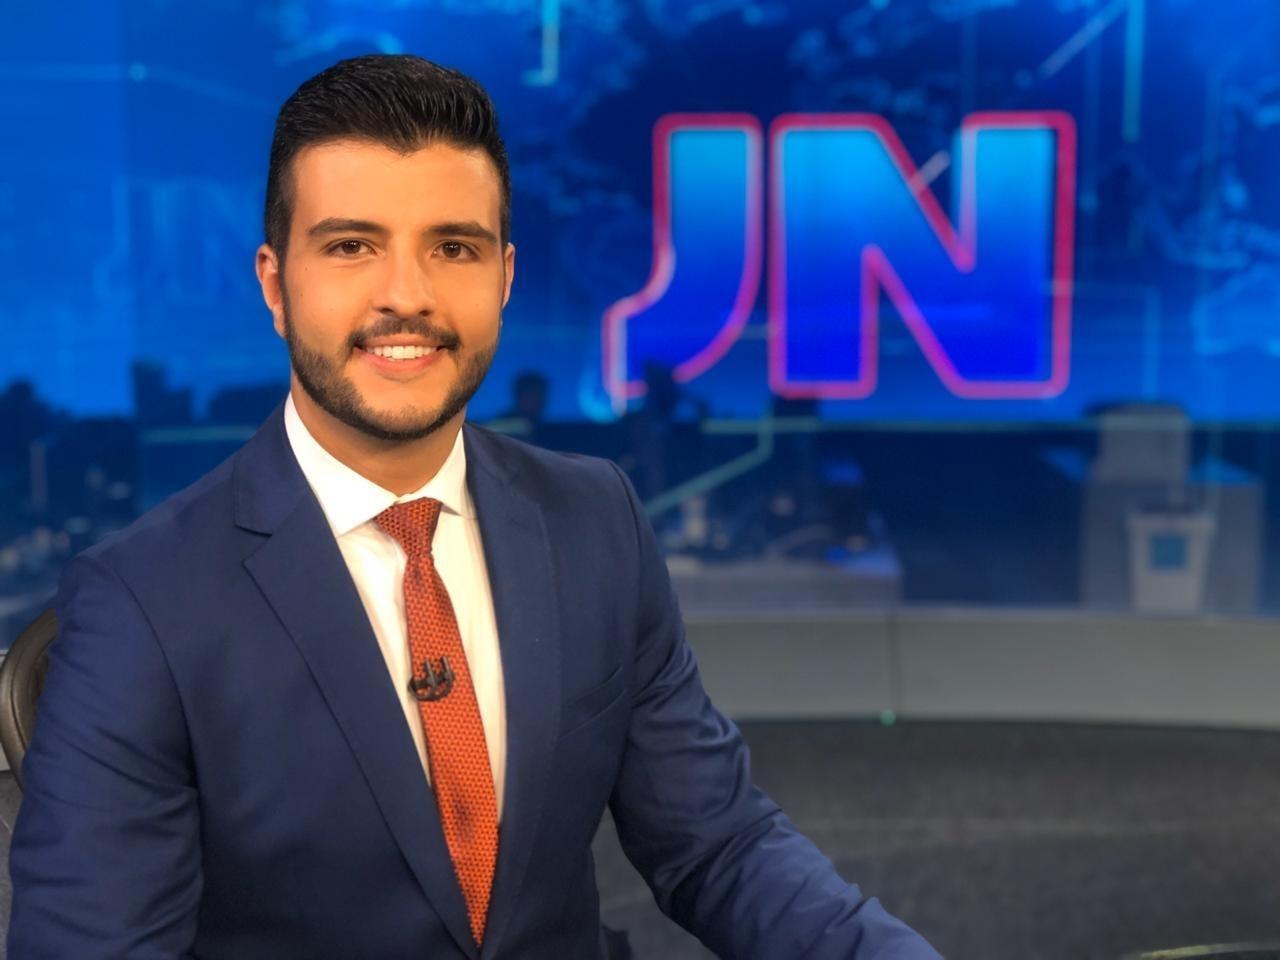 Jornalista Matheus Ribeiro foi o primeiro apresentador abertamente gay do Jornal Nacional, quando trabalhou na TV Globo. (Foto: Reprodução / TV Globo)